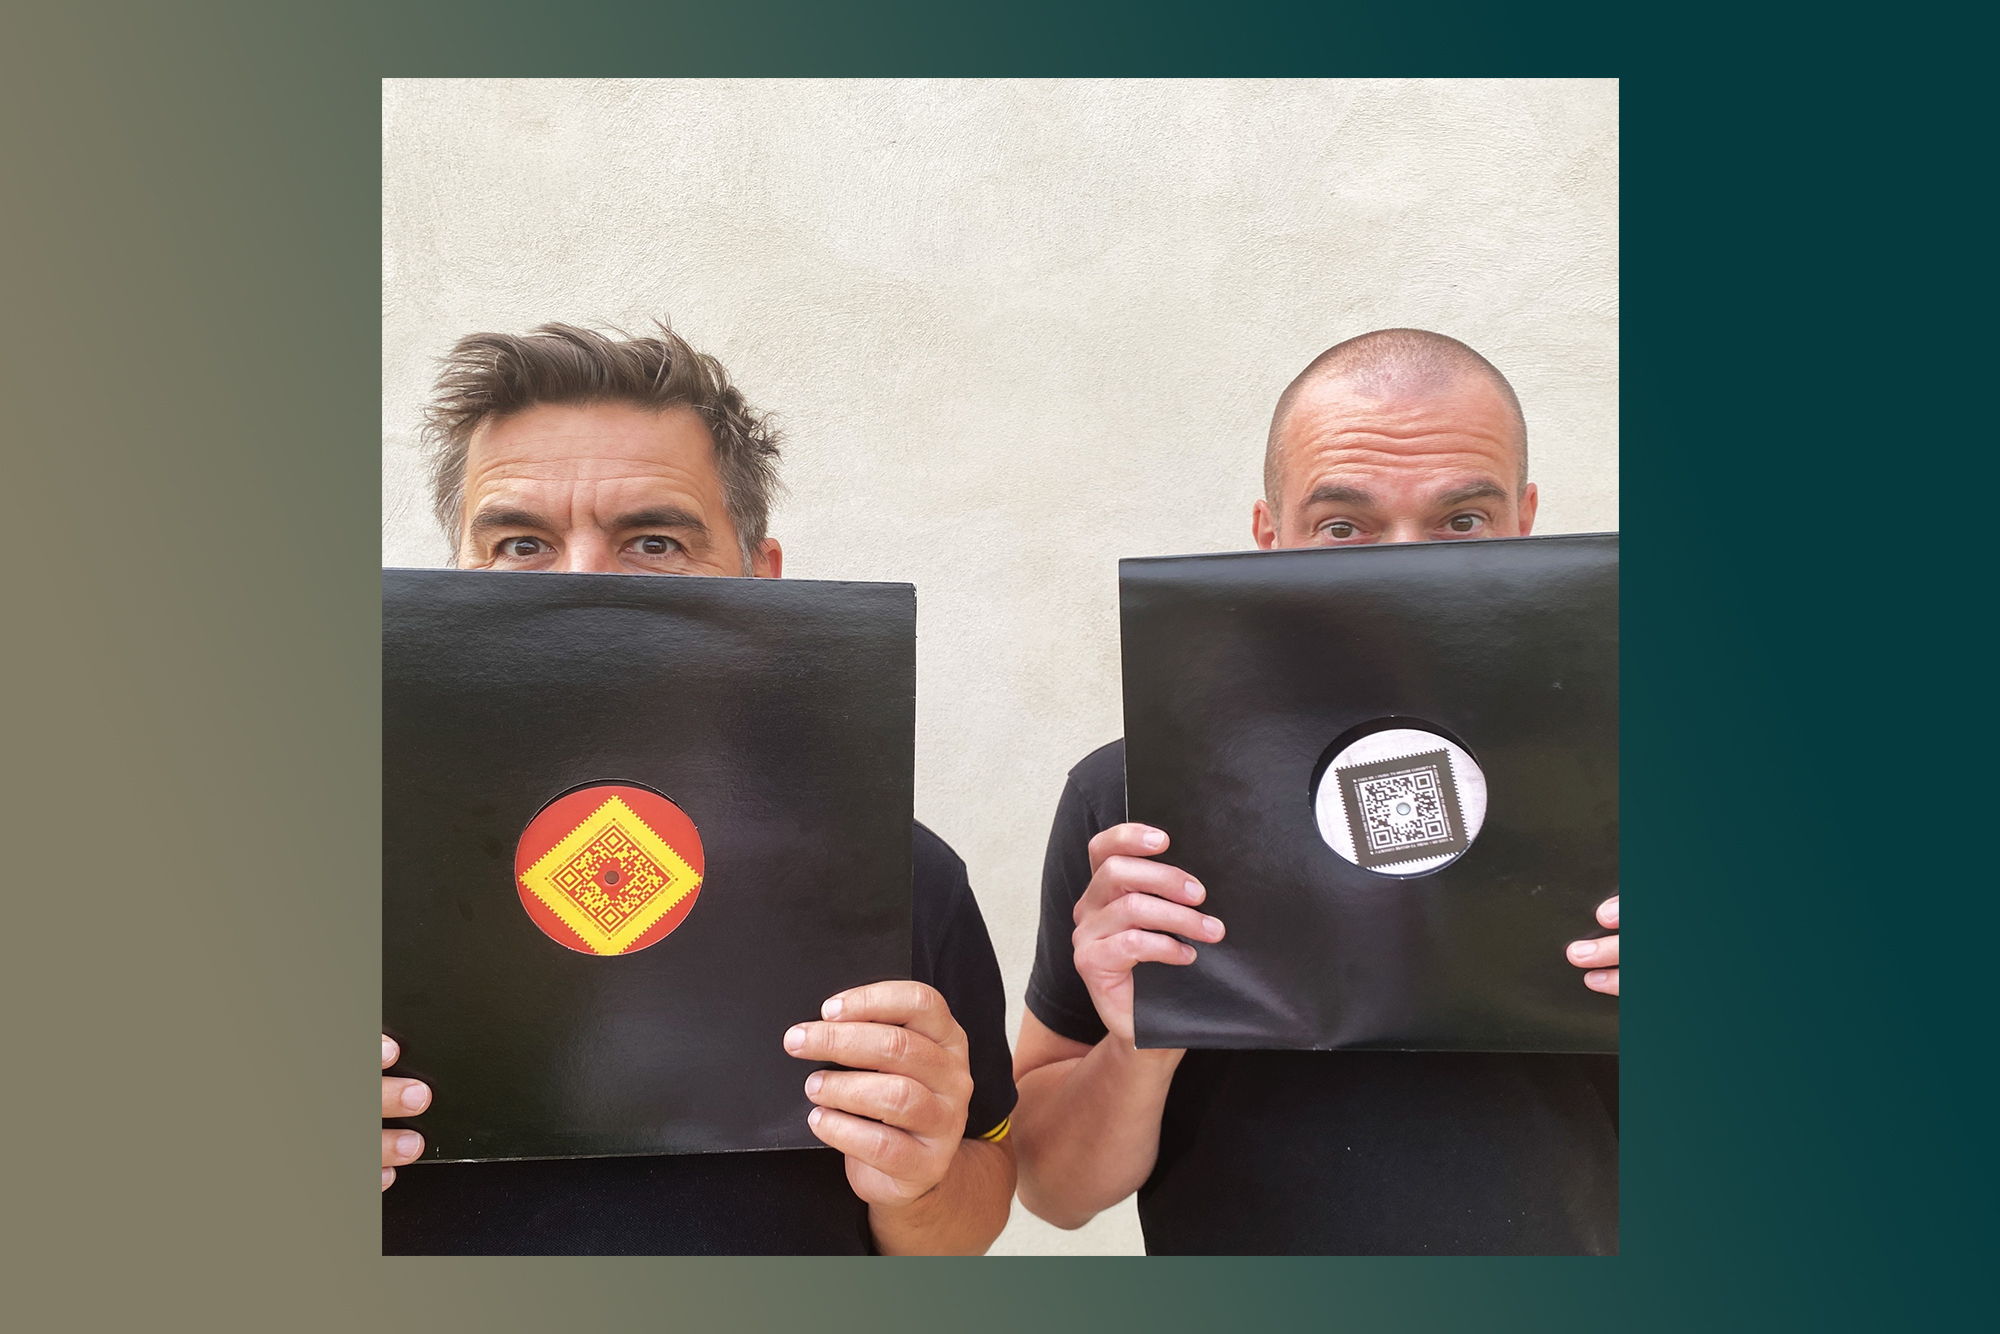 🤯 C'était bien Laurent Garnier et Scan X qui se cachaient derrière l'énigmatique label COD3 QR